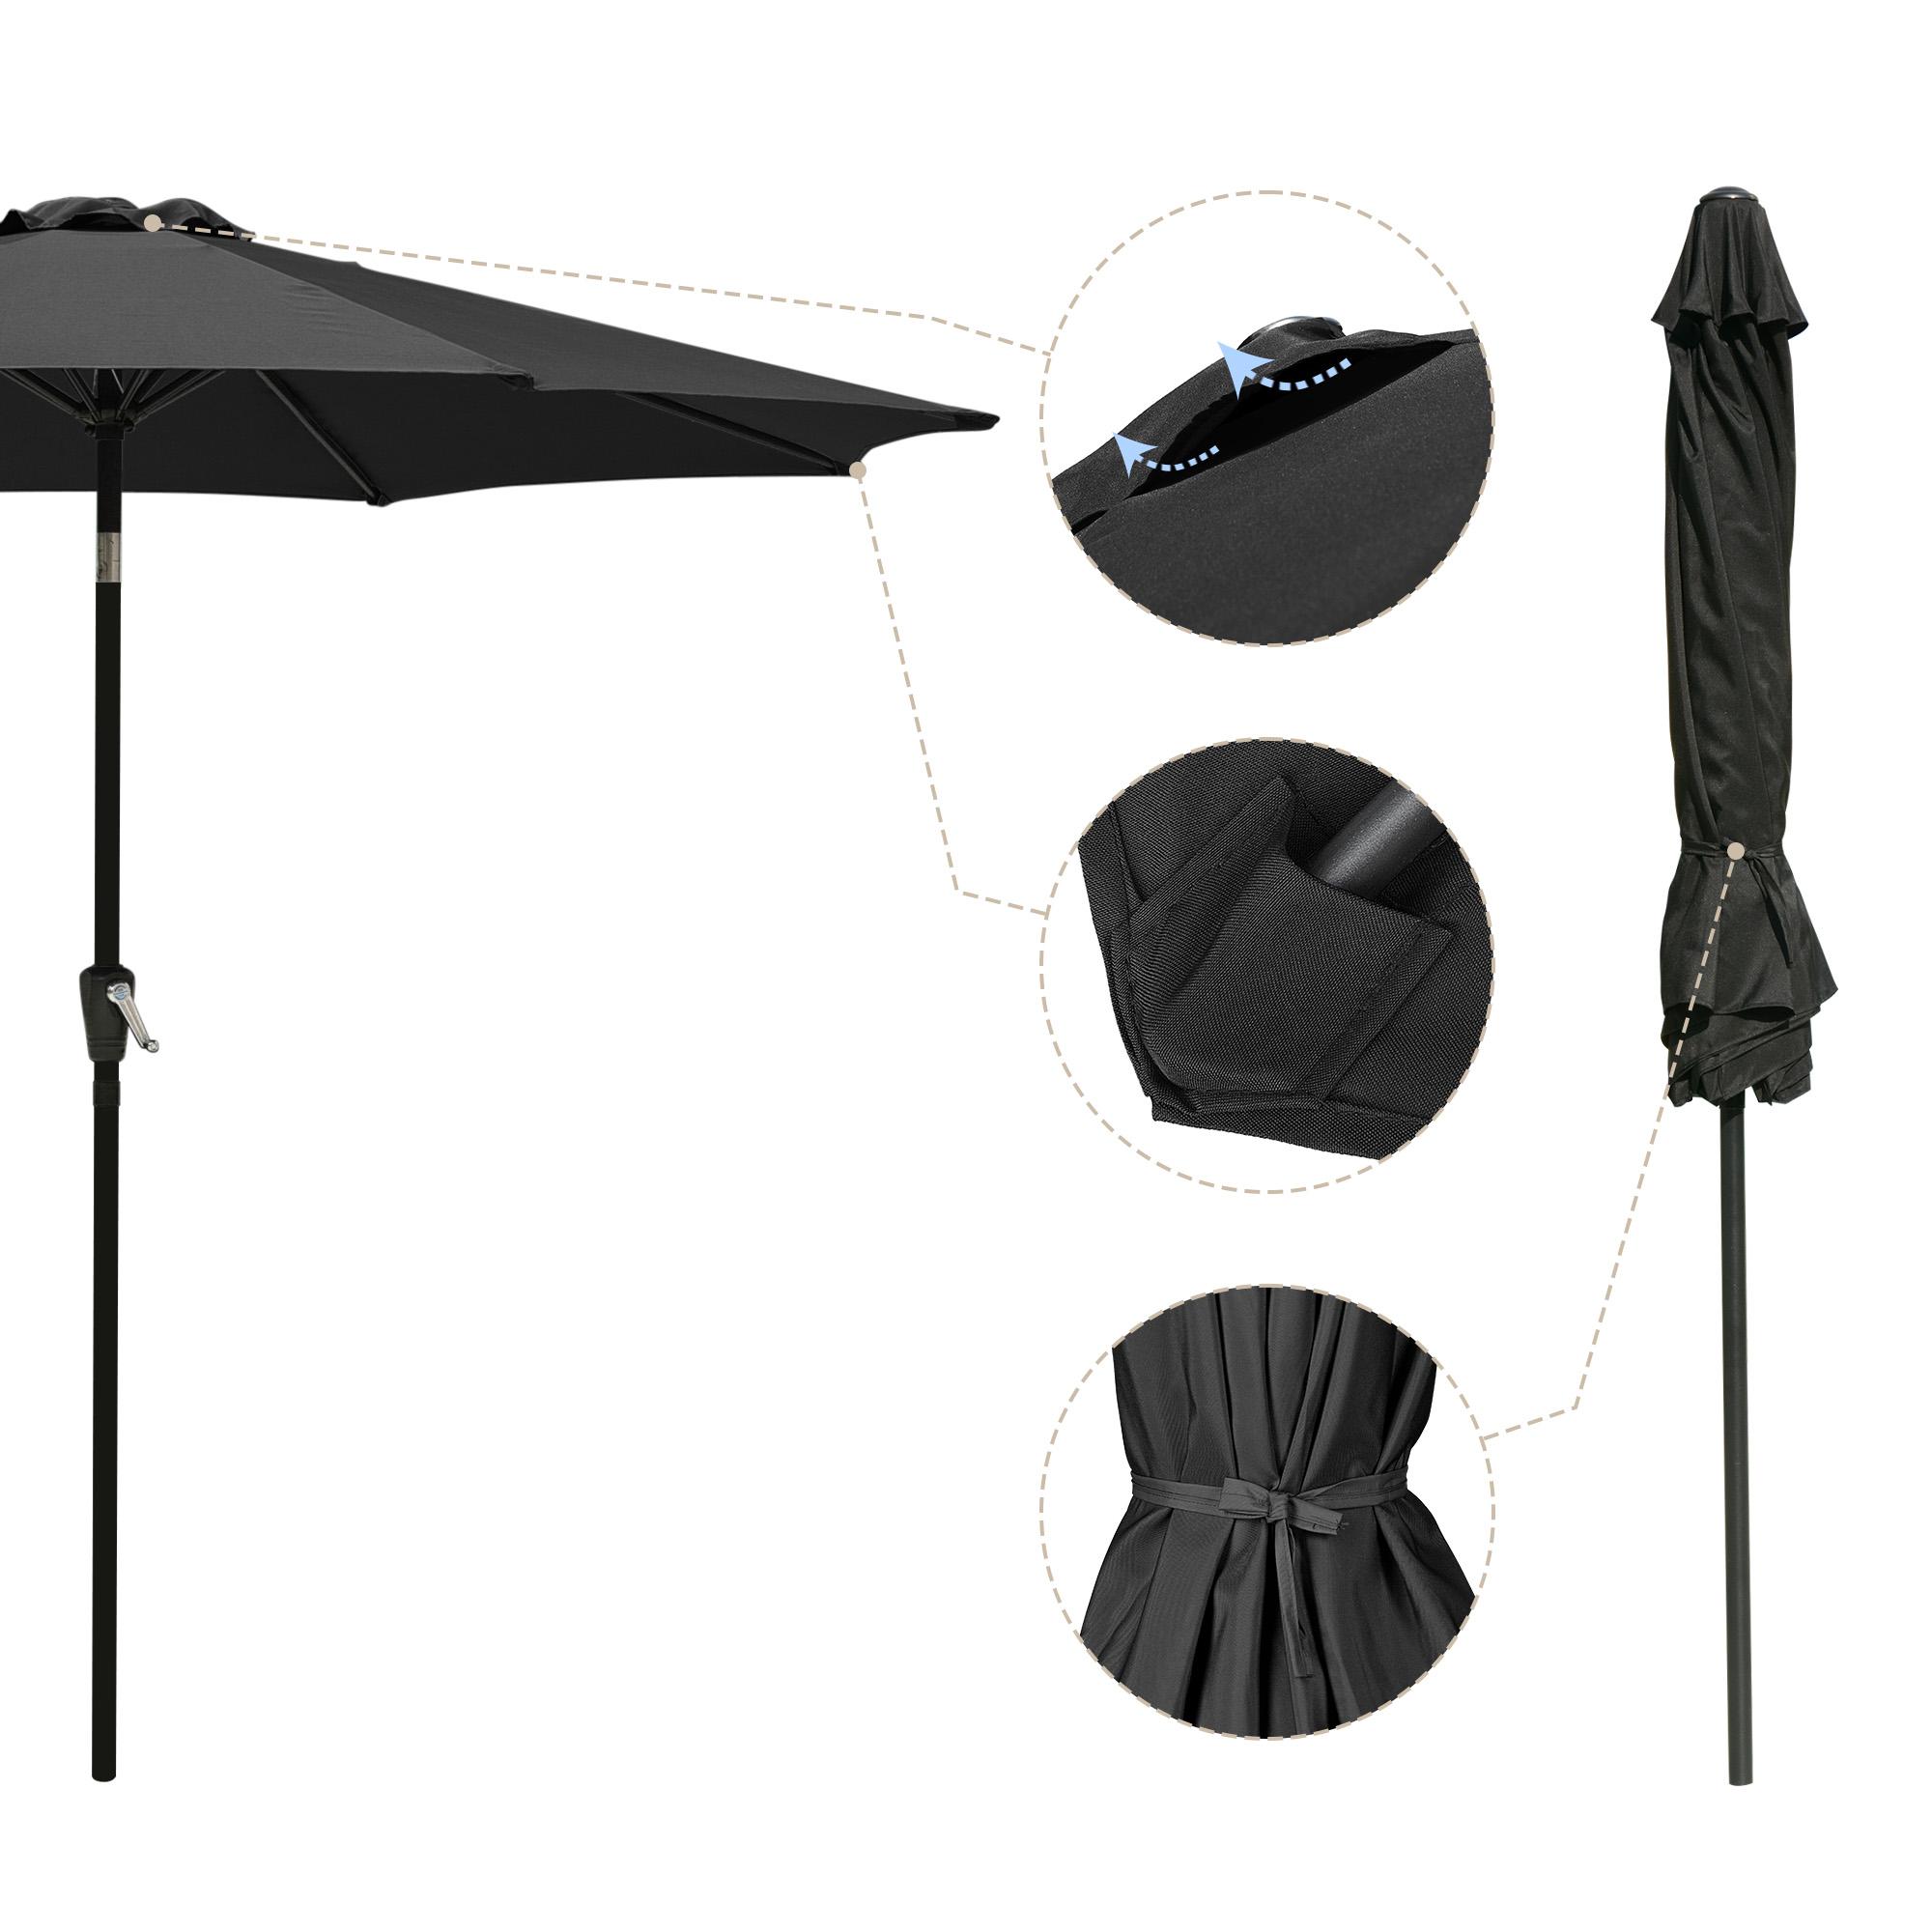 thumbnail 42 - 9' Outdoor Umbrella Patio 8 Ribs Market Garden Crank Tilt Beach Sunshade Parasol